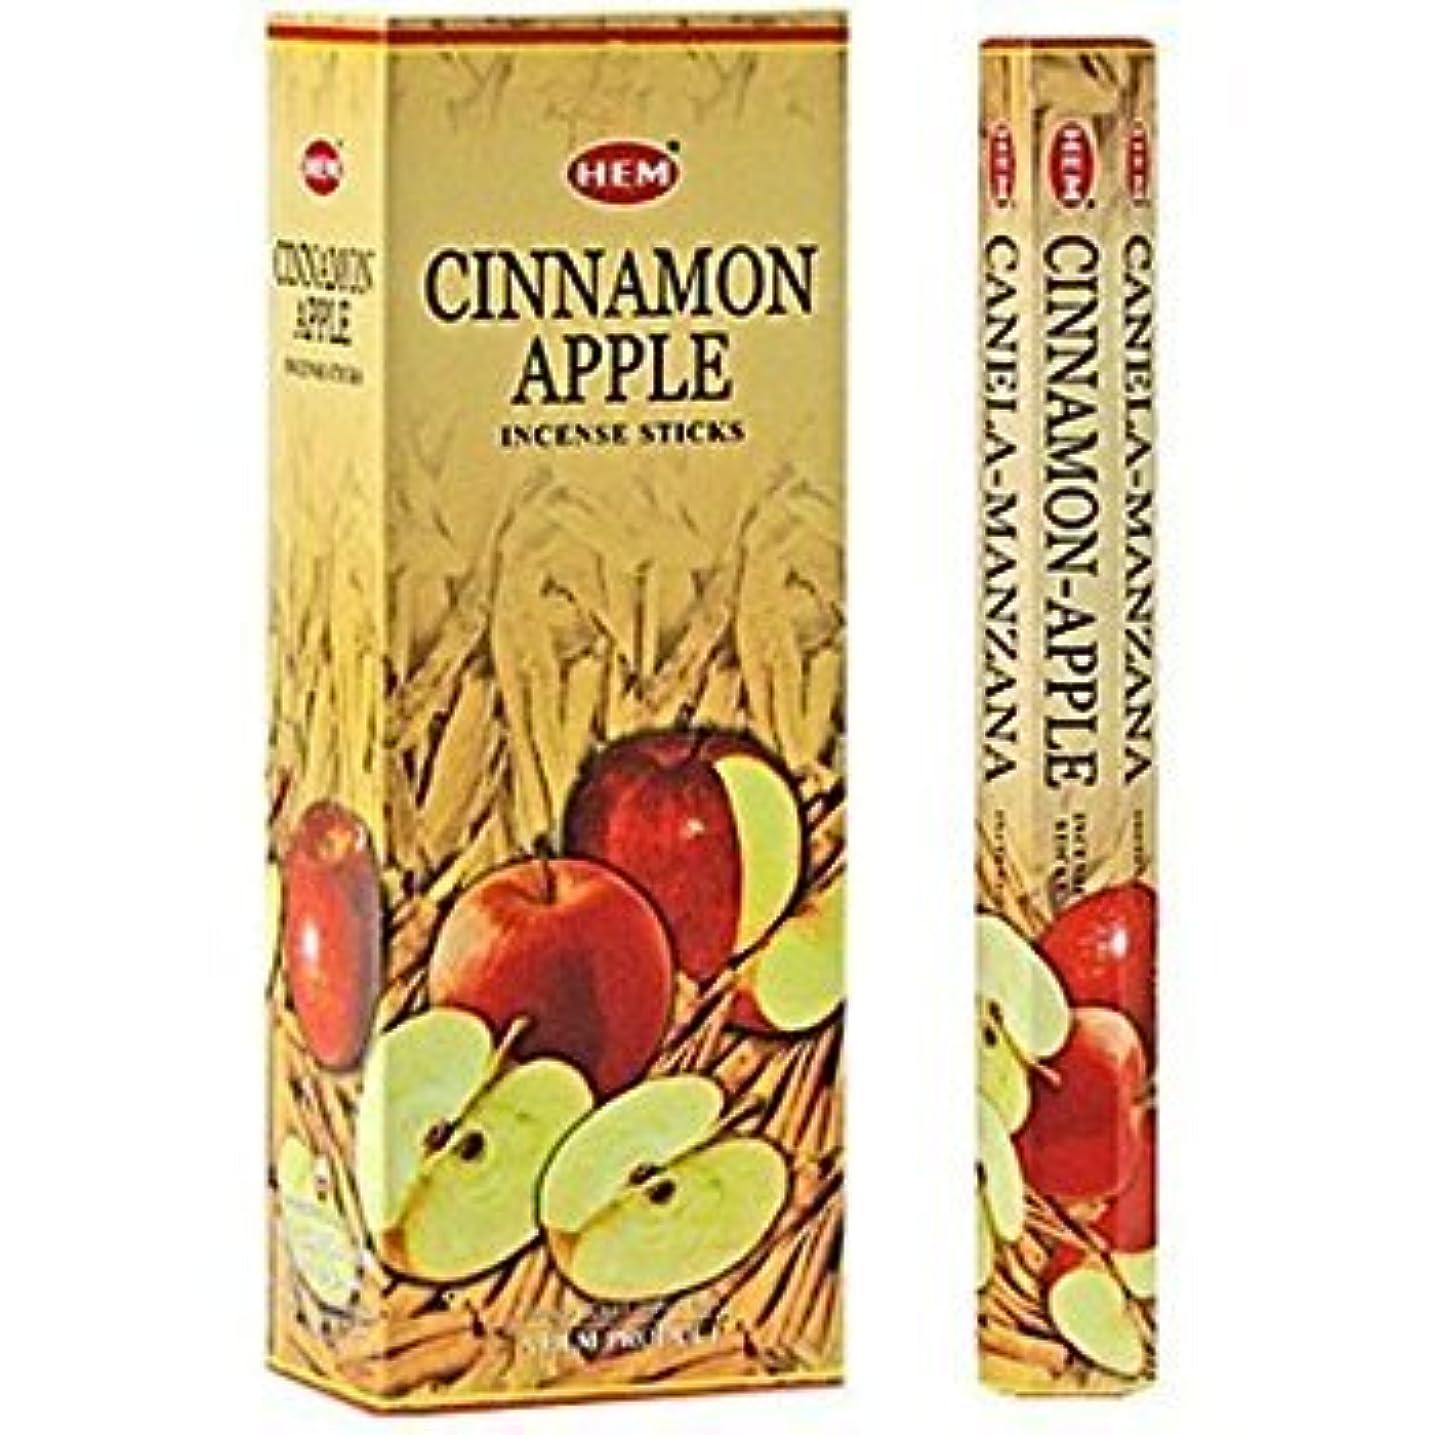 キャッチ表面抽選Cinnamon Apple - Box of Six 20 Stick Tubes - HEM Incense